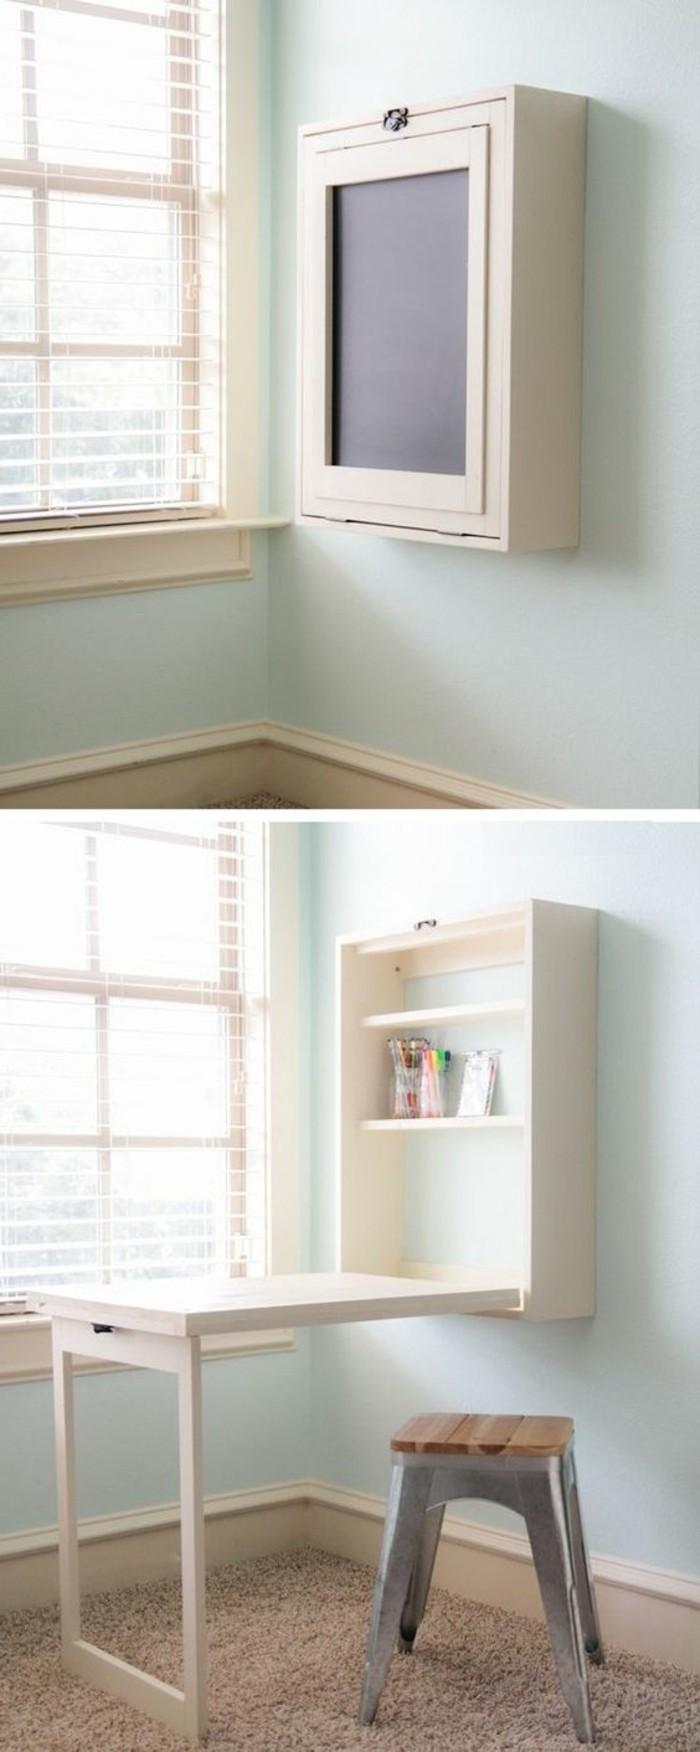 jolie-idee-pour-votre-bureau-en-bois-clair-bureau-pliable-ikea-en-bois-clair-mural